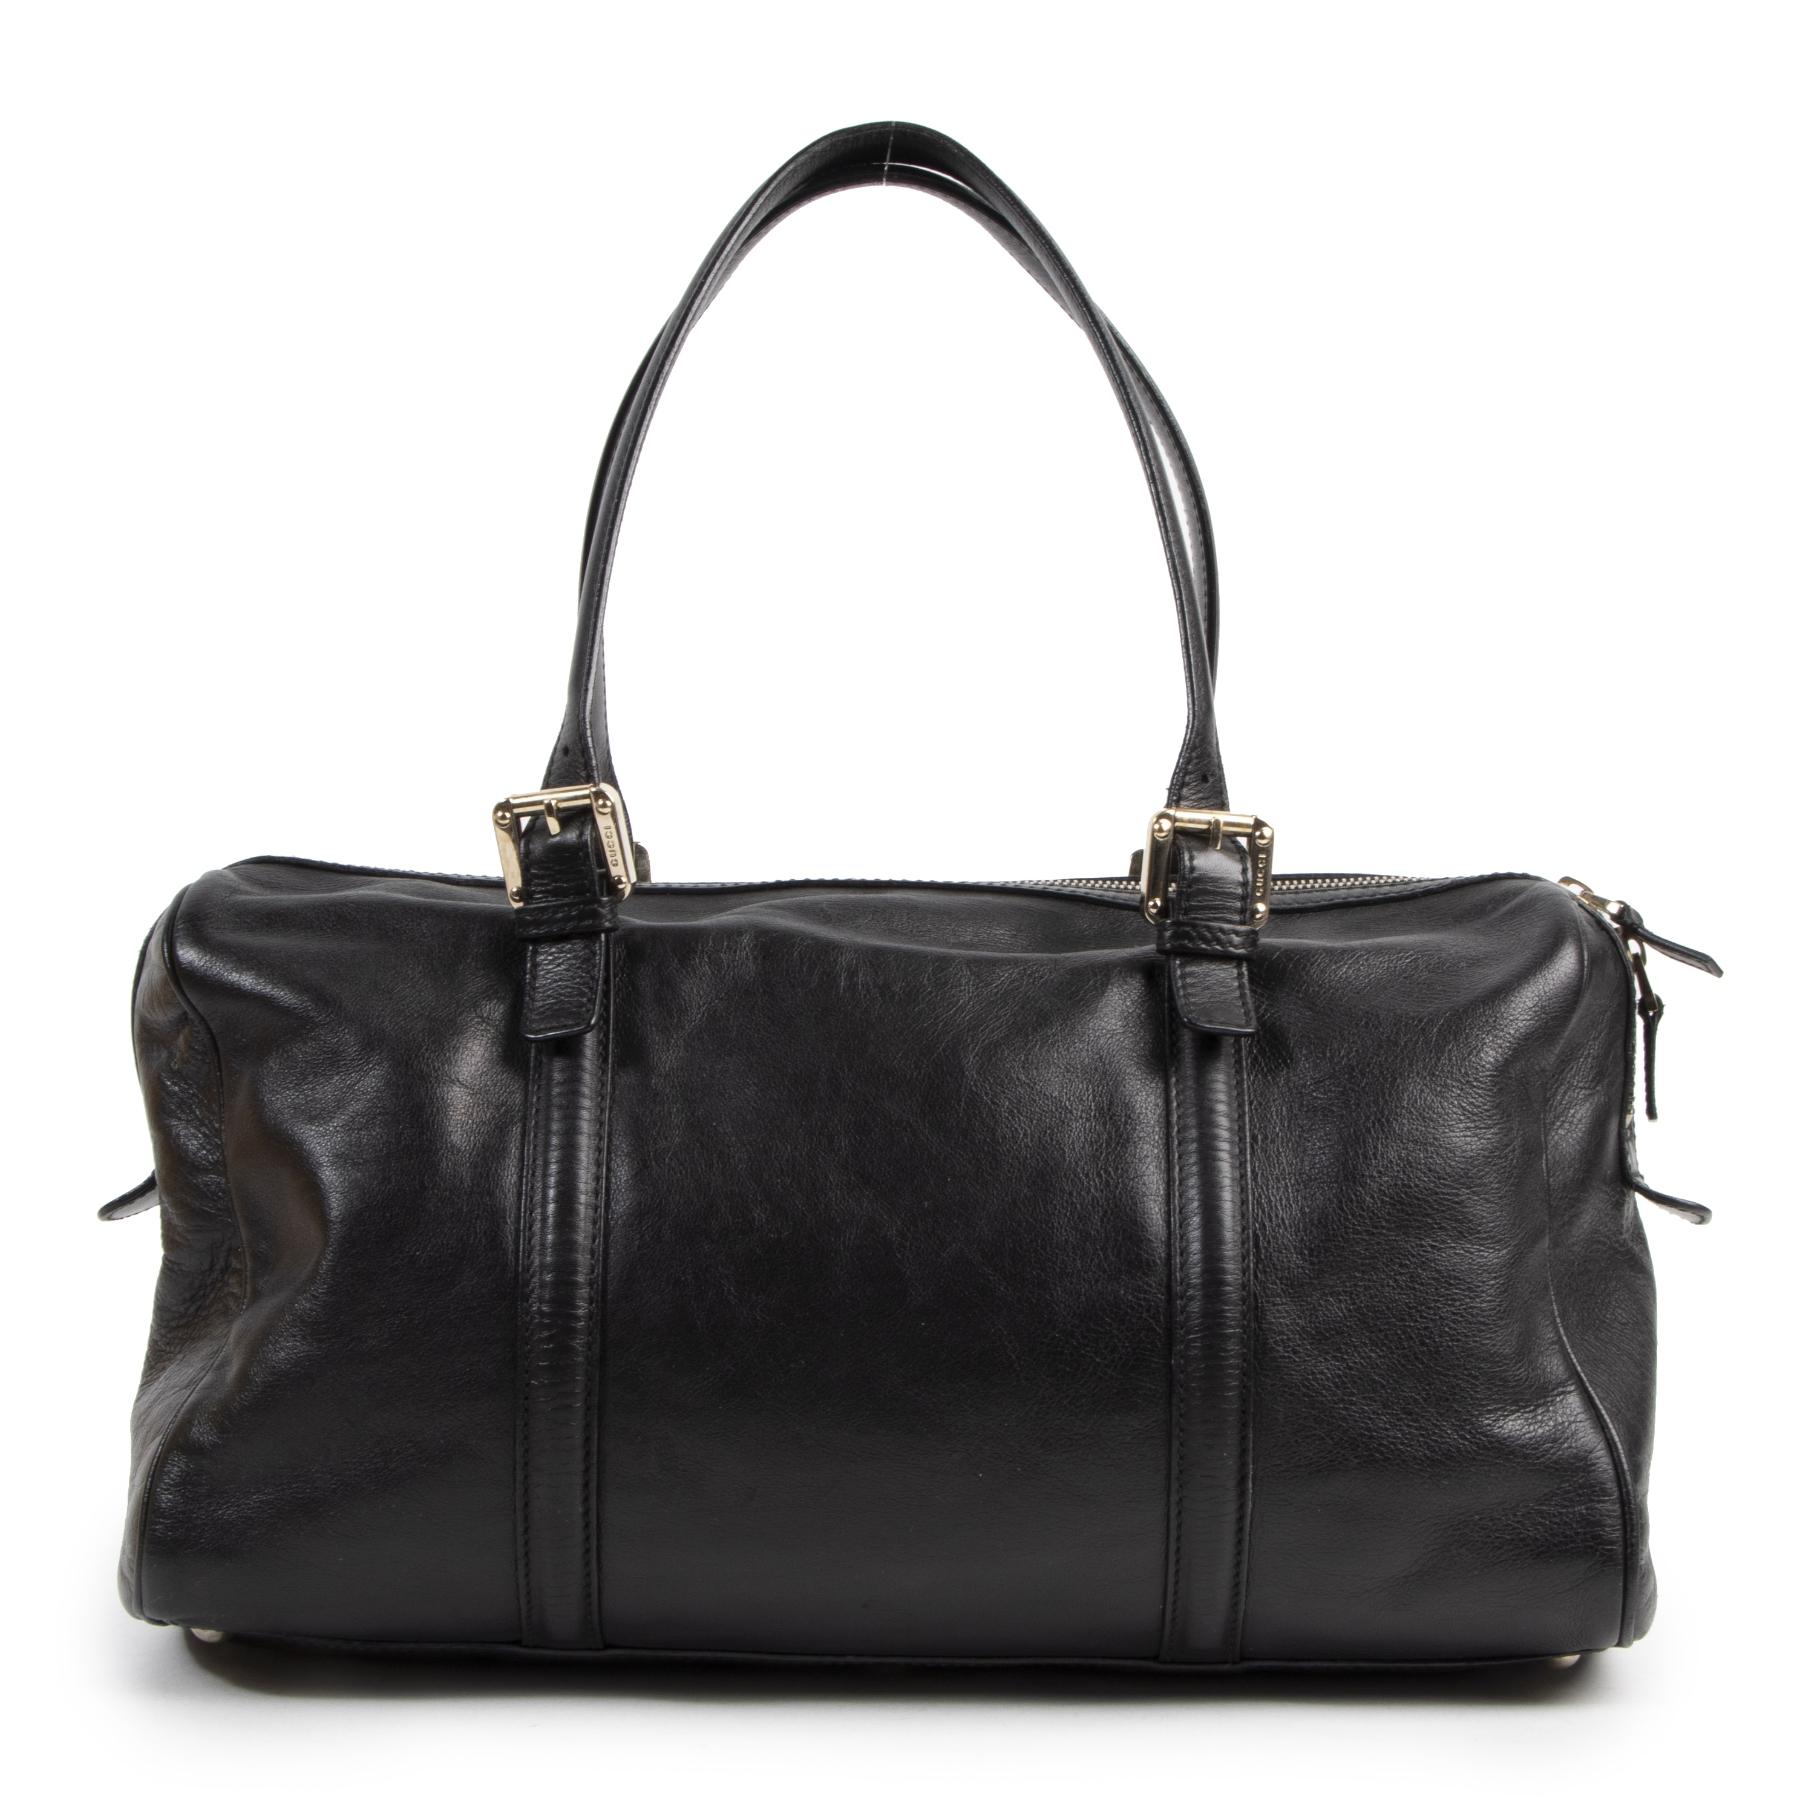 Authentic secondhand Gucci Black Leather Shoulder Bag designer bags fashion luxury vintage webshop safe secure online shopping